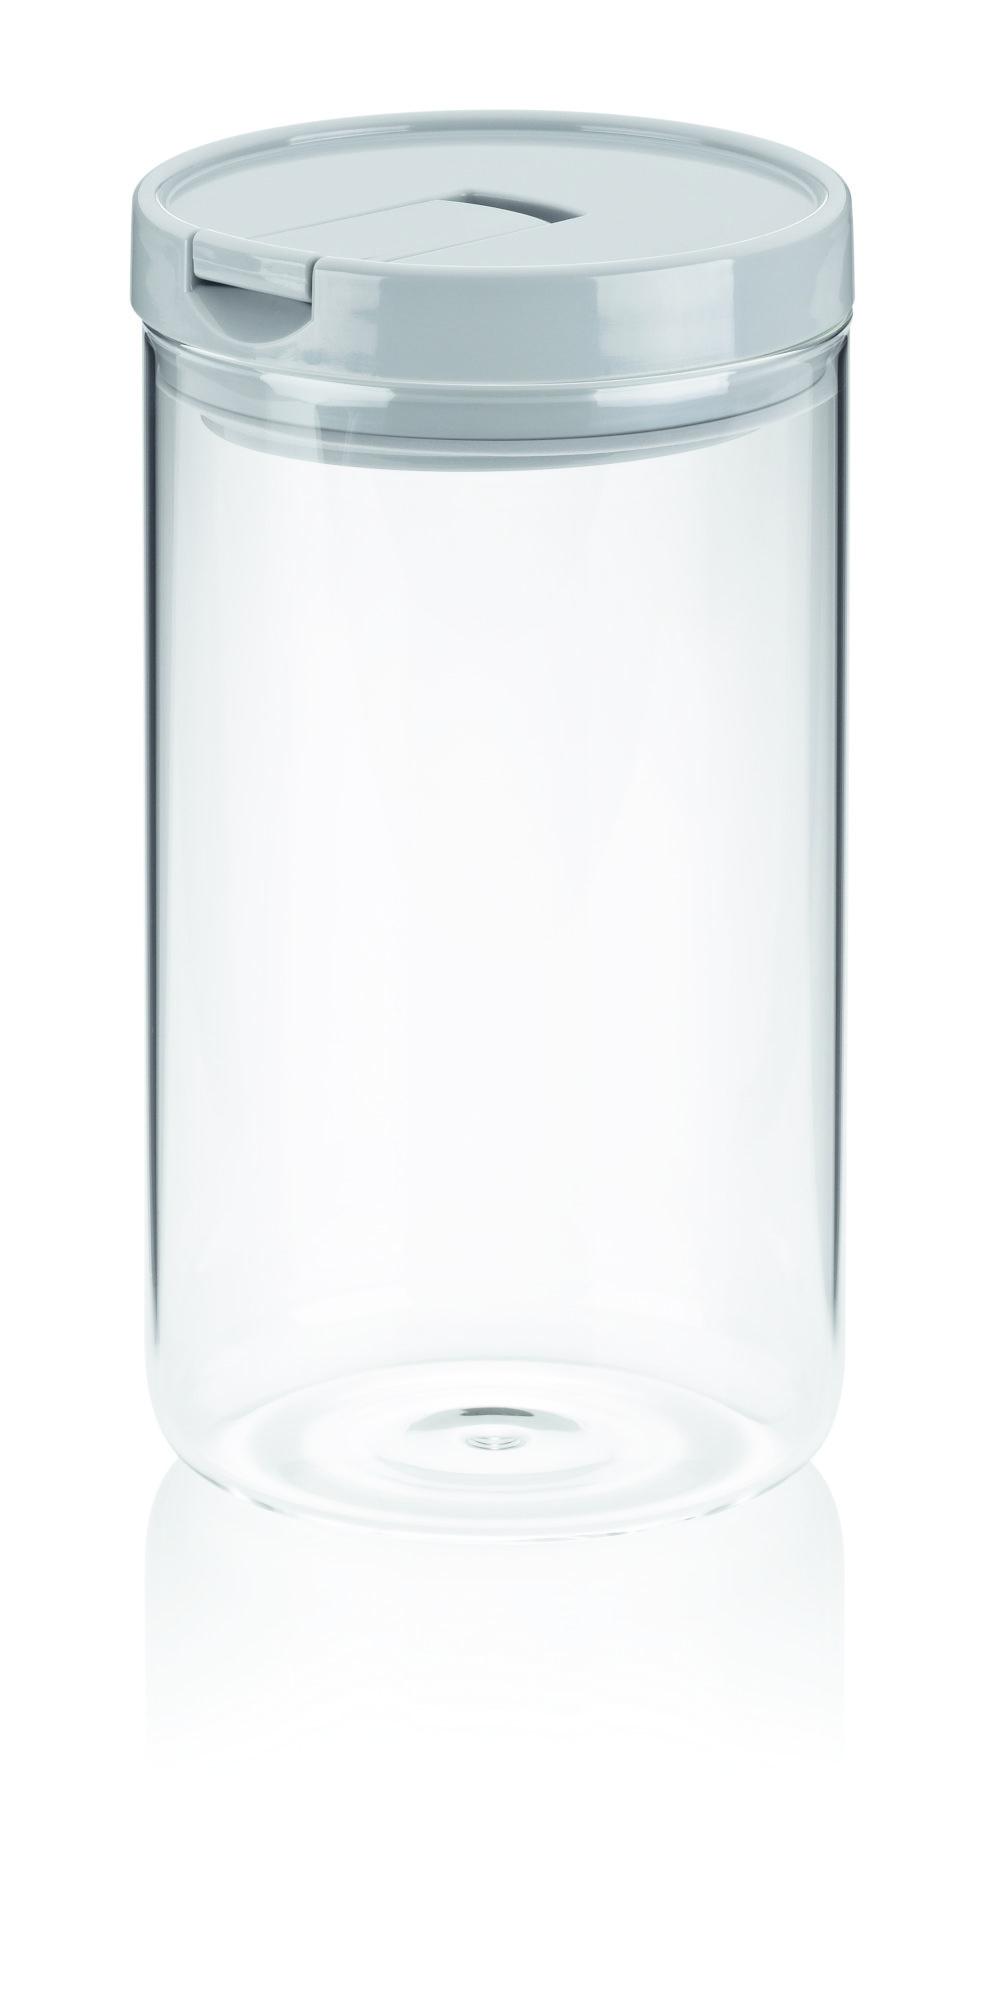 Kela Keuken Arik Voorraadpot 1,2 liter